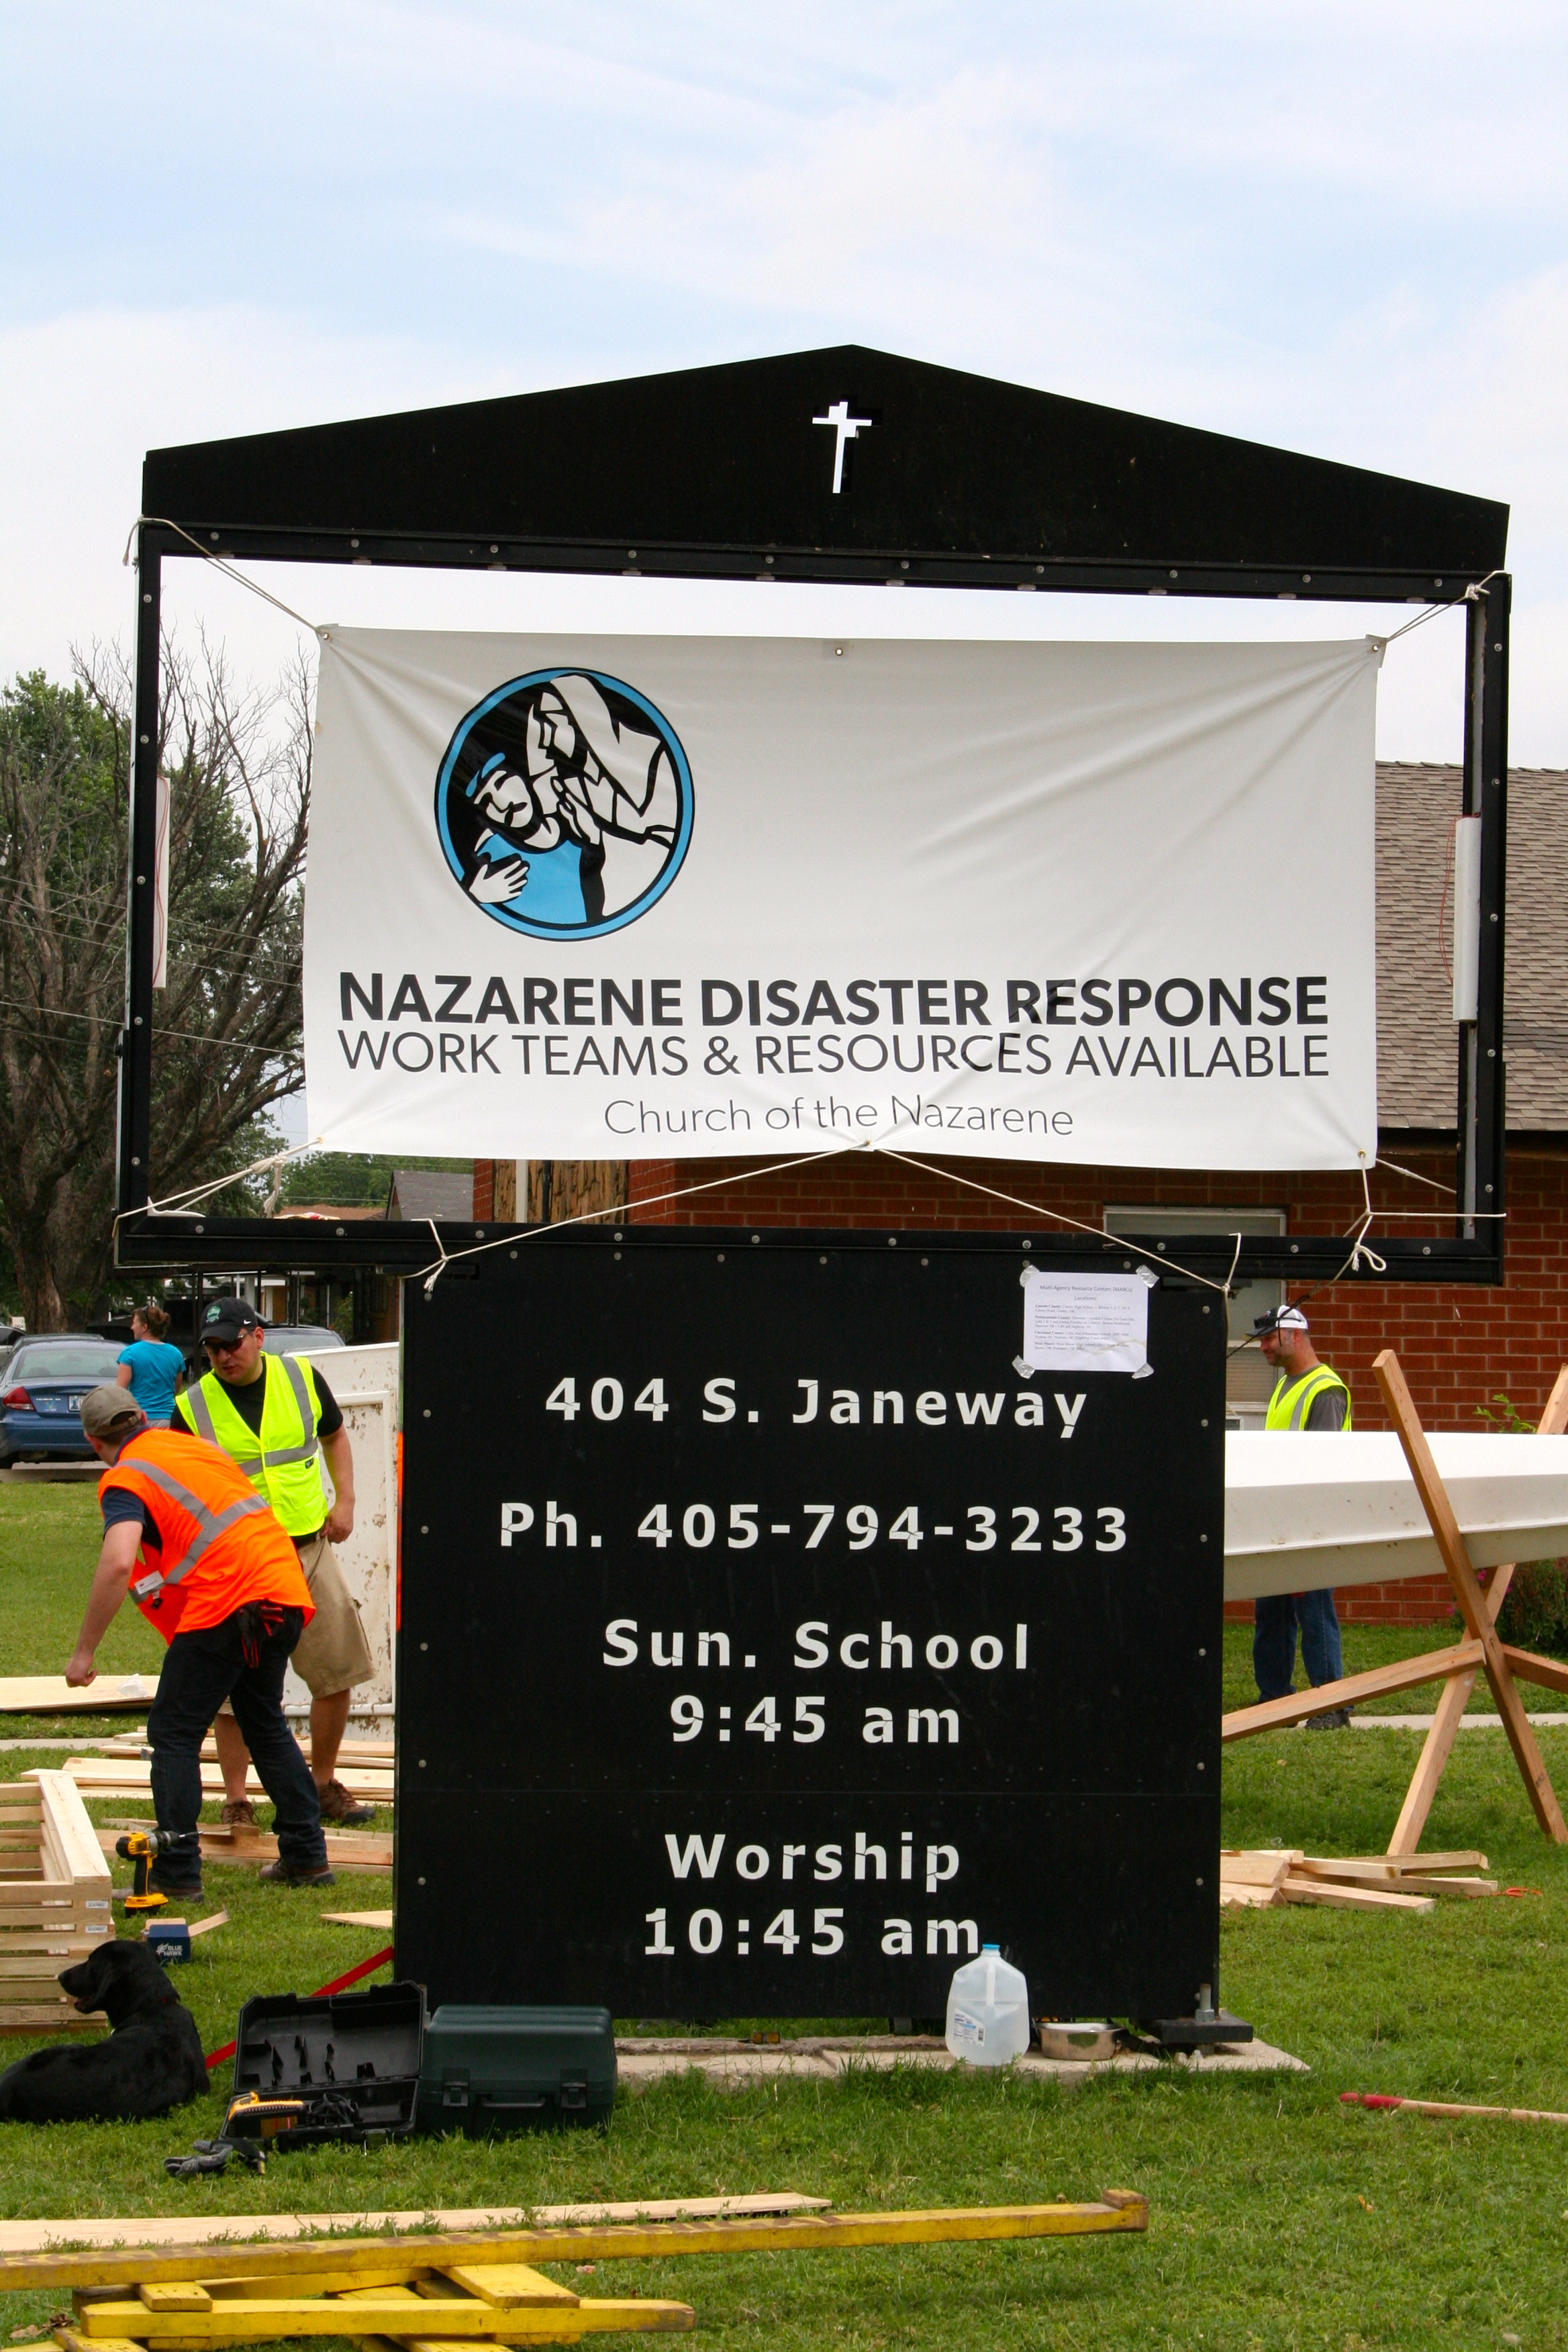 Moore Nazarene Reliefe work